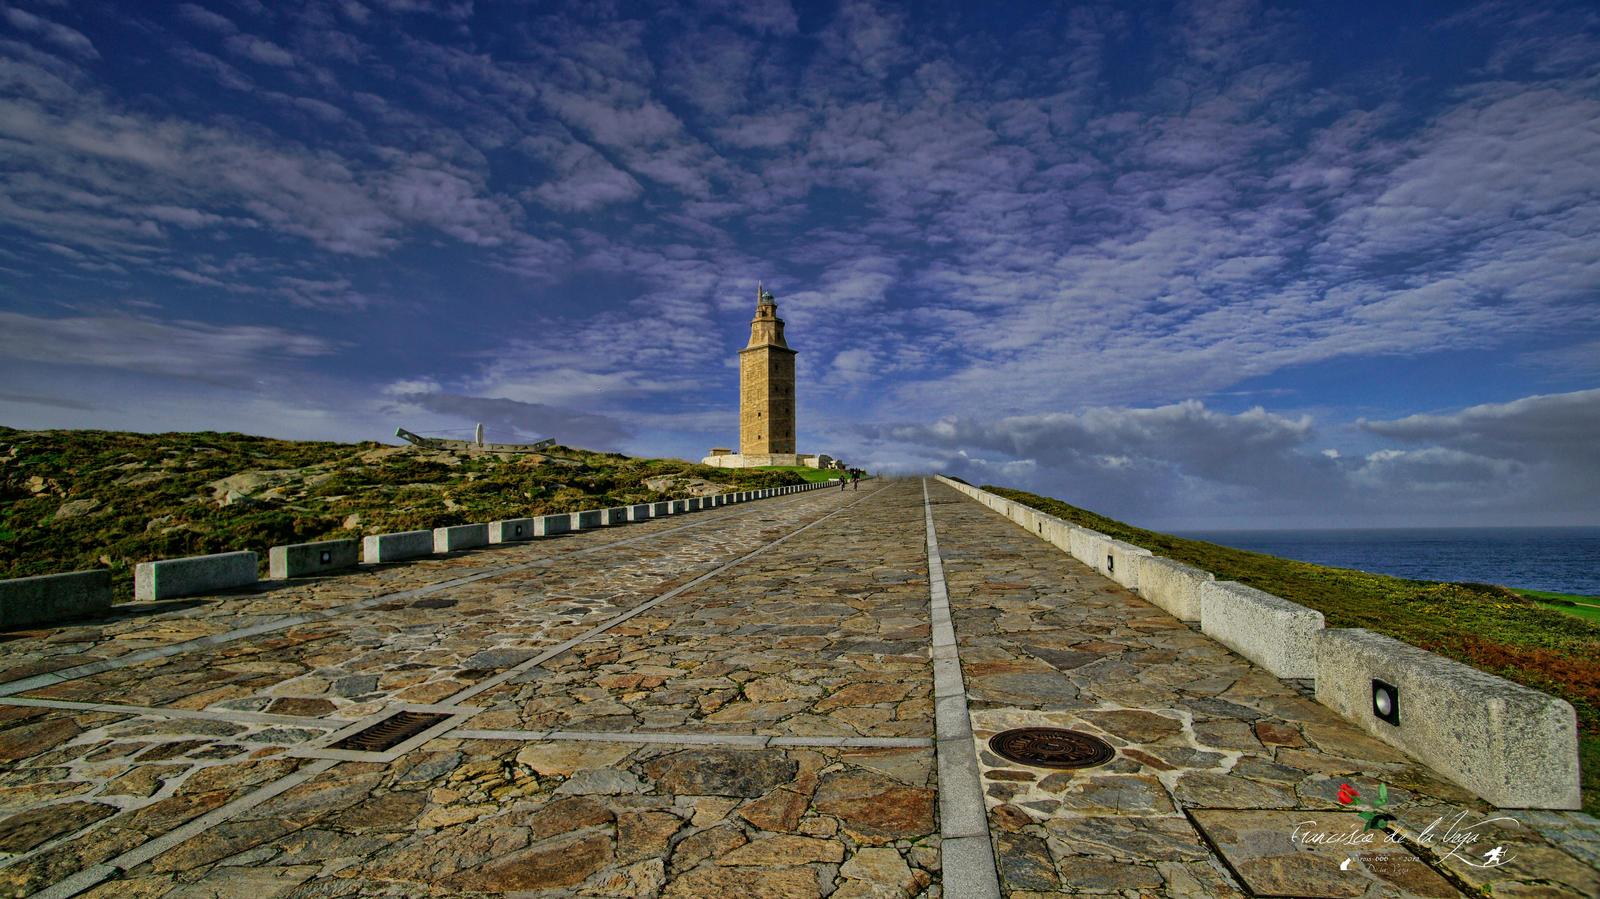 torre by eross-666